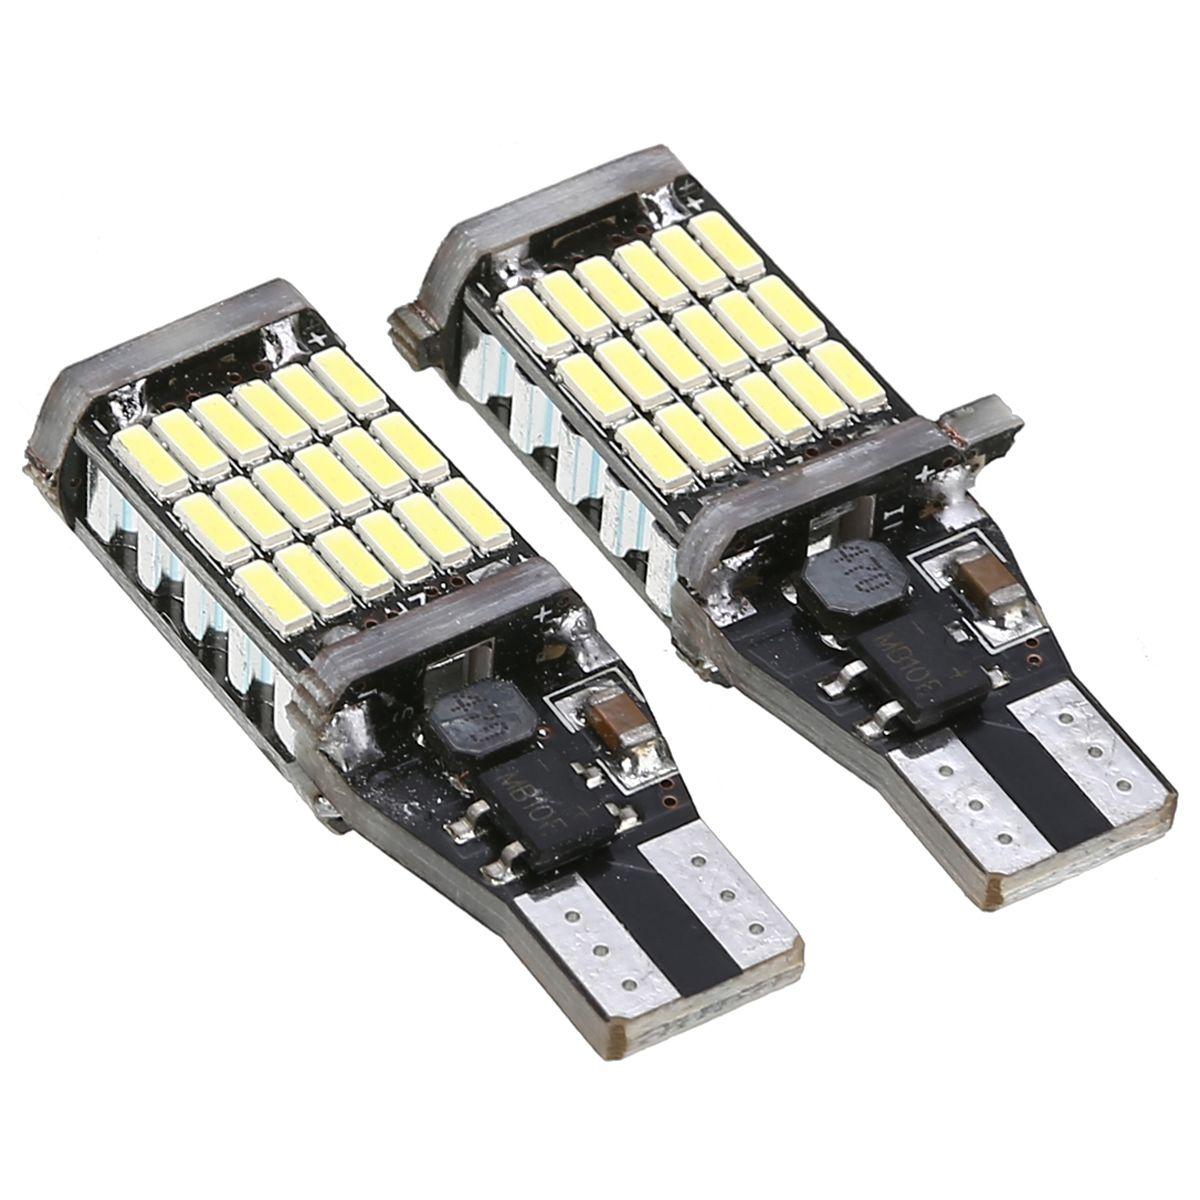 10pcs T15 T16 W16W LED inversée Ampoule 920 921 912 Canbus 4014 45SMD LED Sélectionnez Sauvegarde Parking lampe Ampoules DC12V